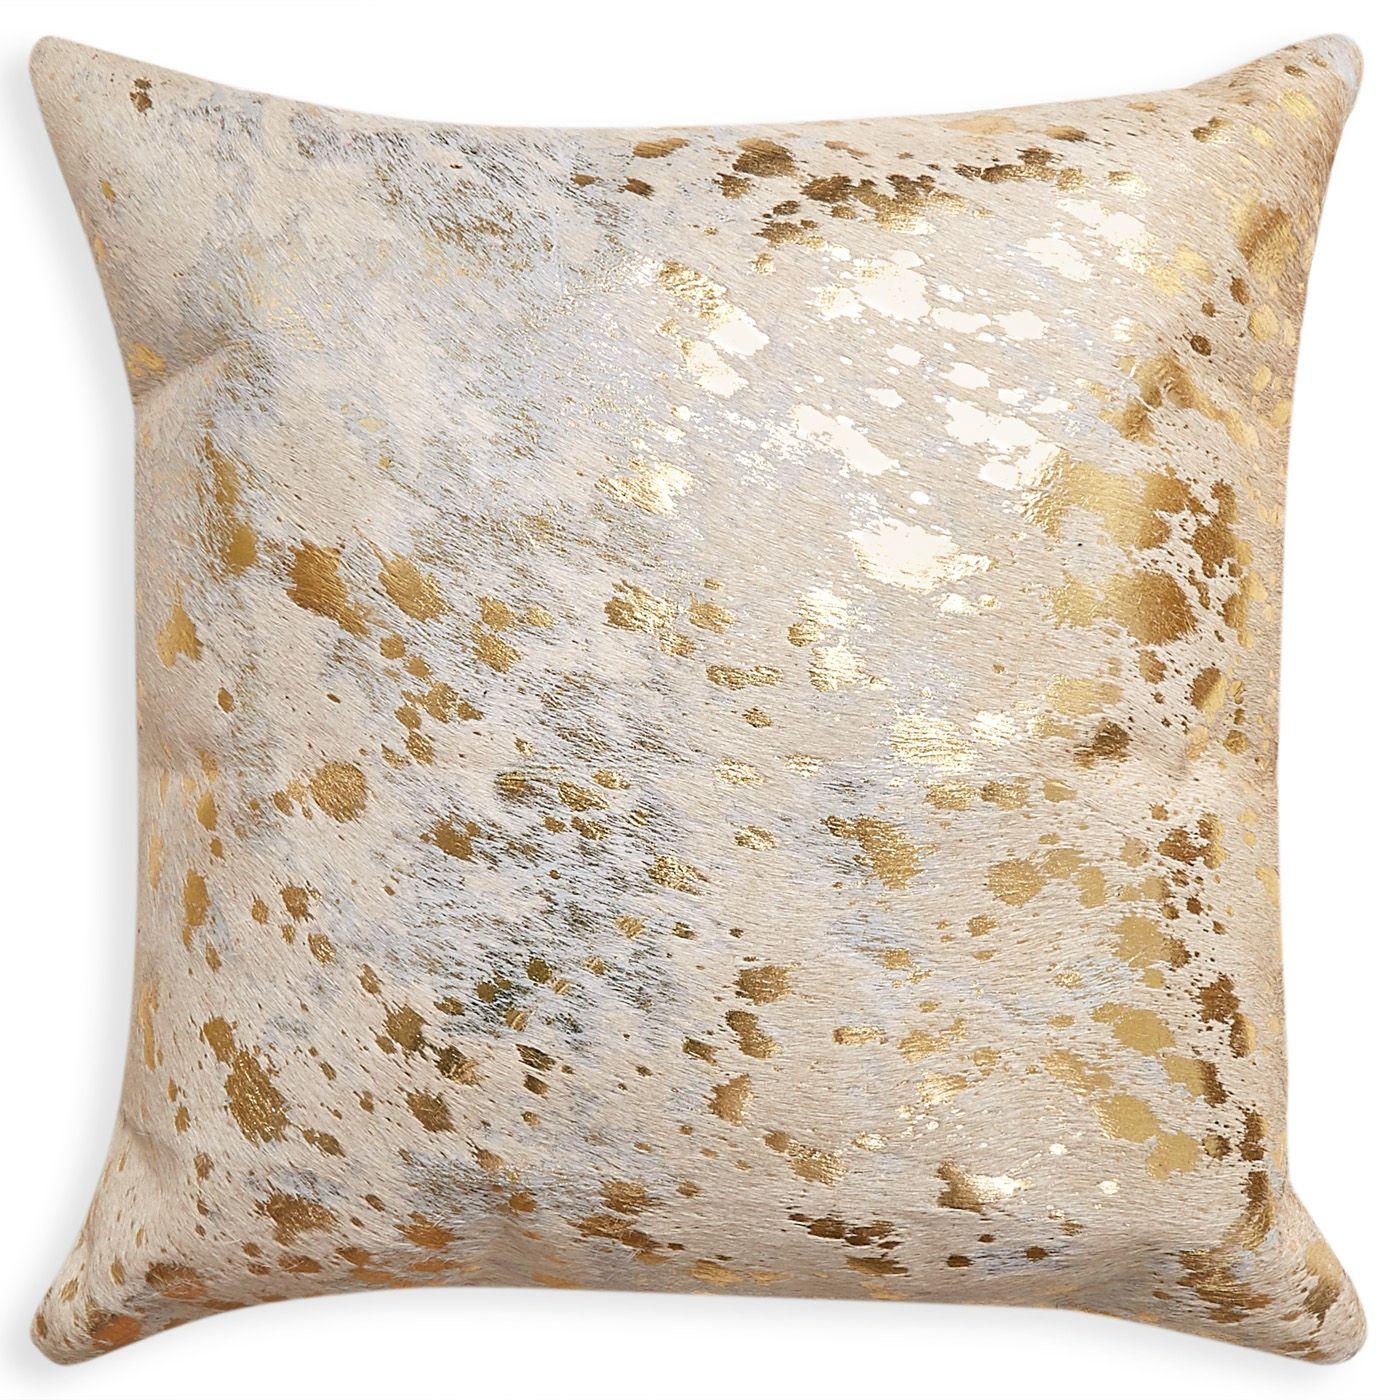 Daring Details Cowhide Metallic Throw Pillow